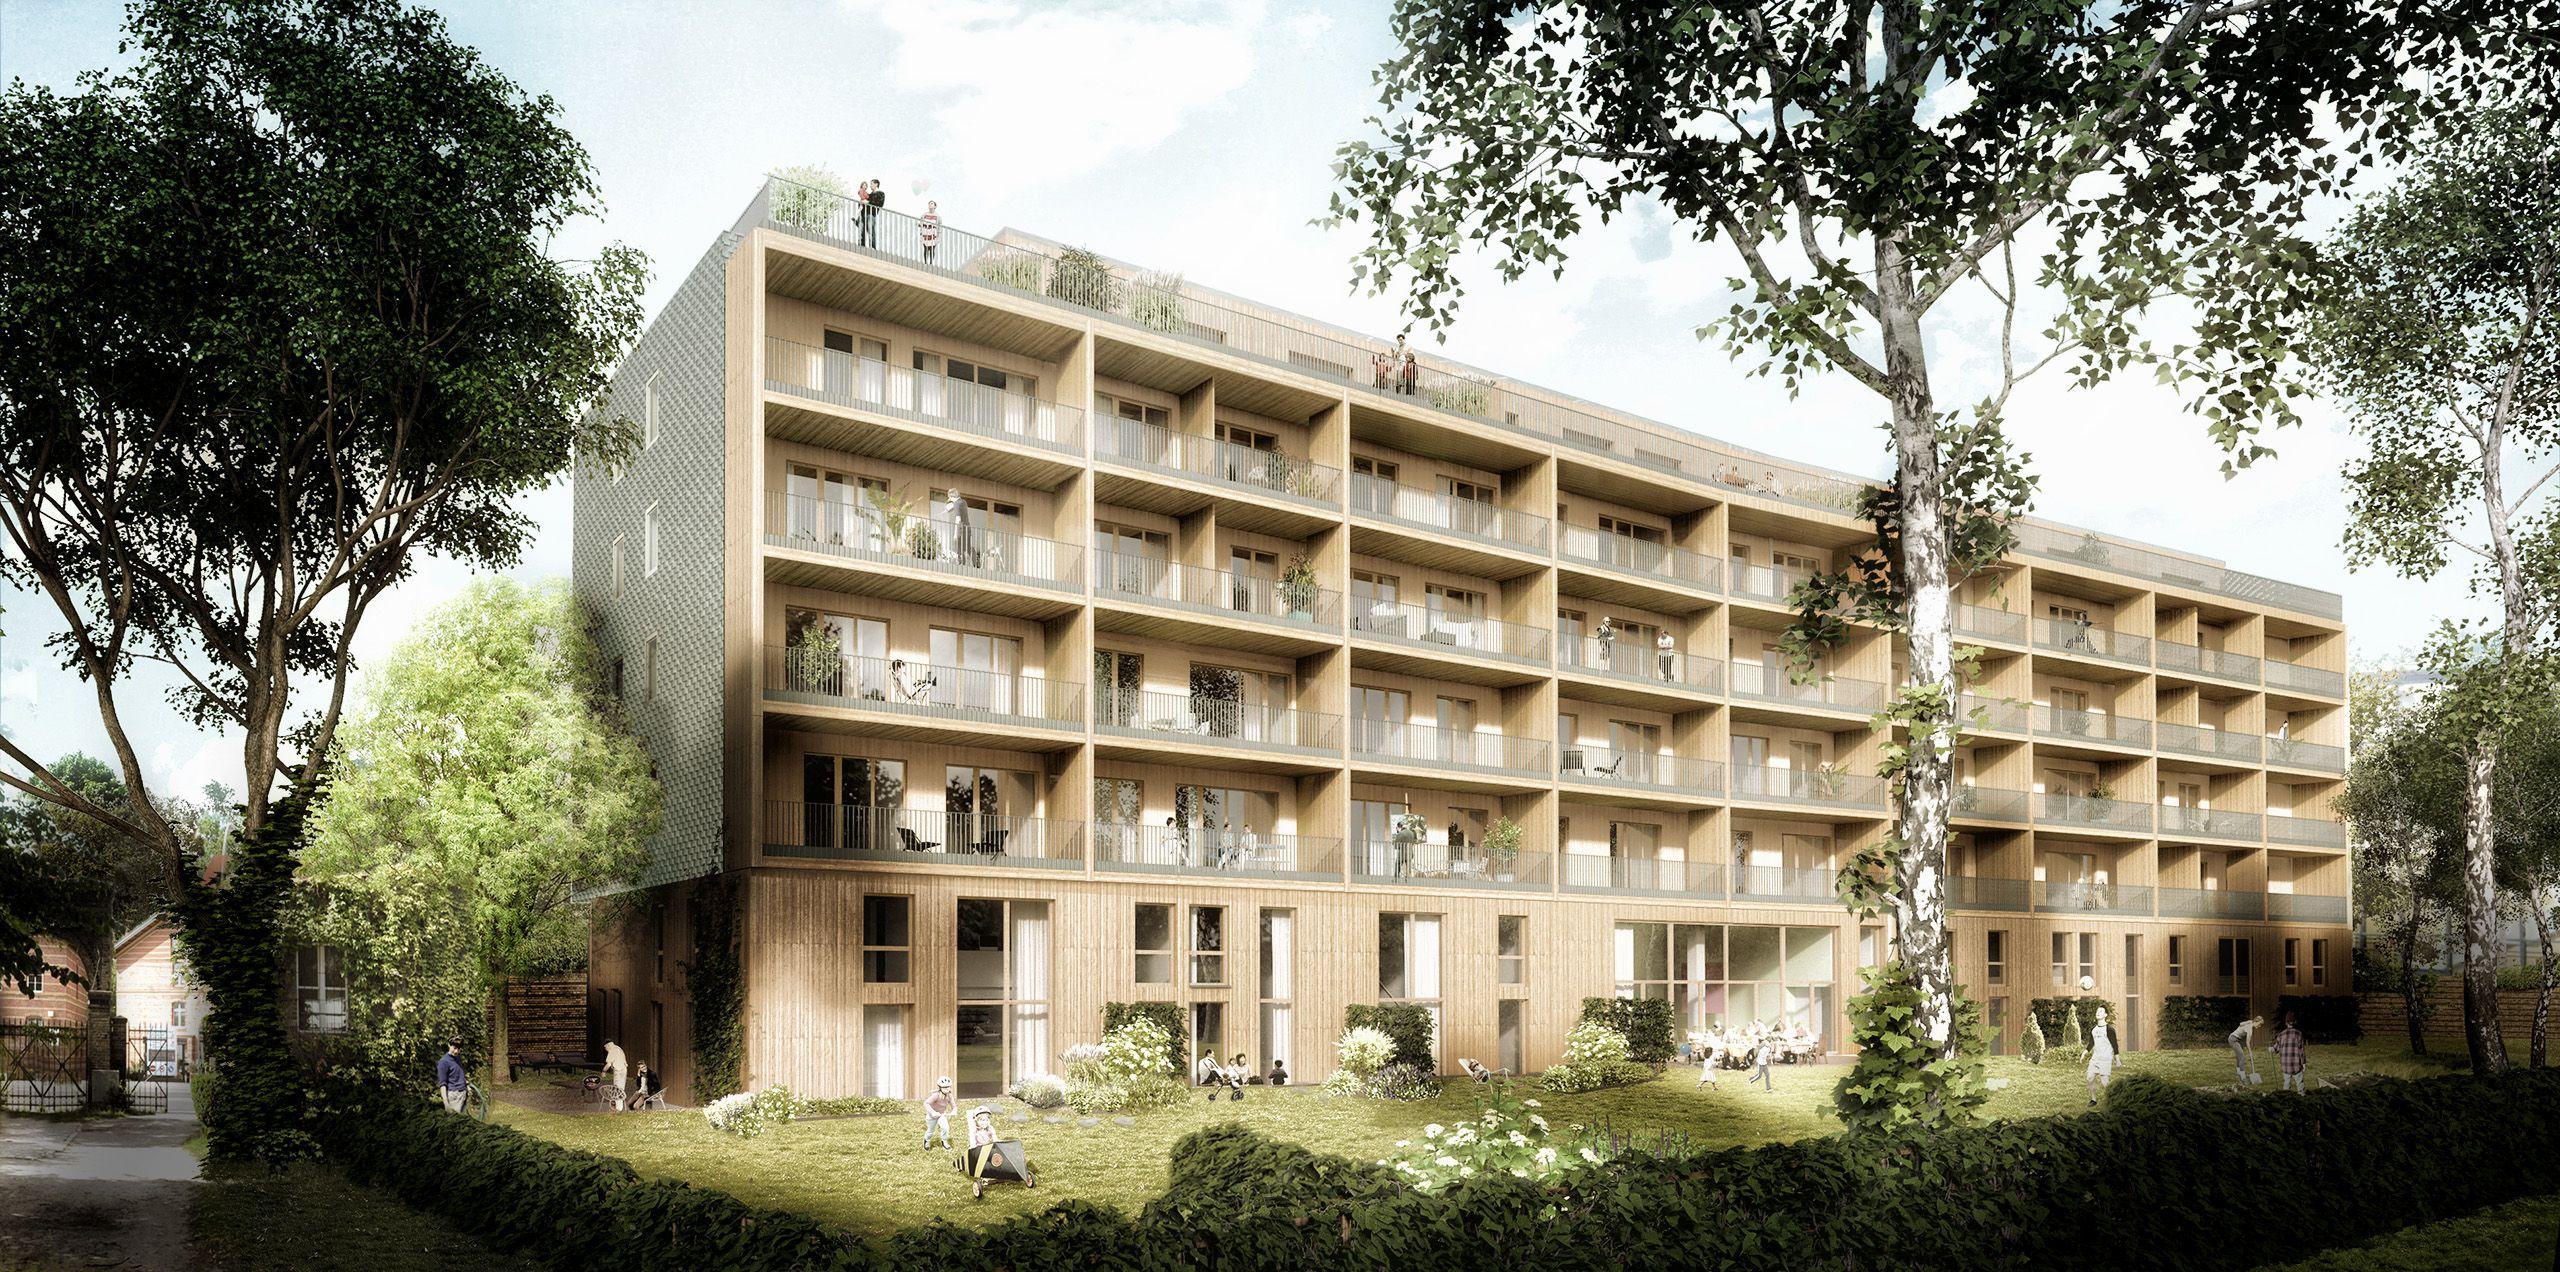 Architekturvisualisierung Berlin berlin baugruppe walden landsbergerallee render manufaktur